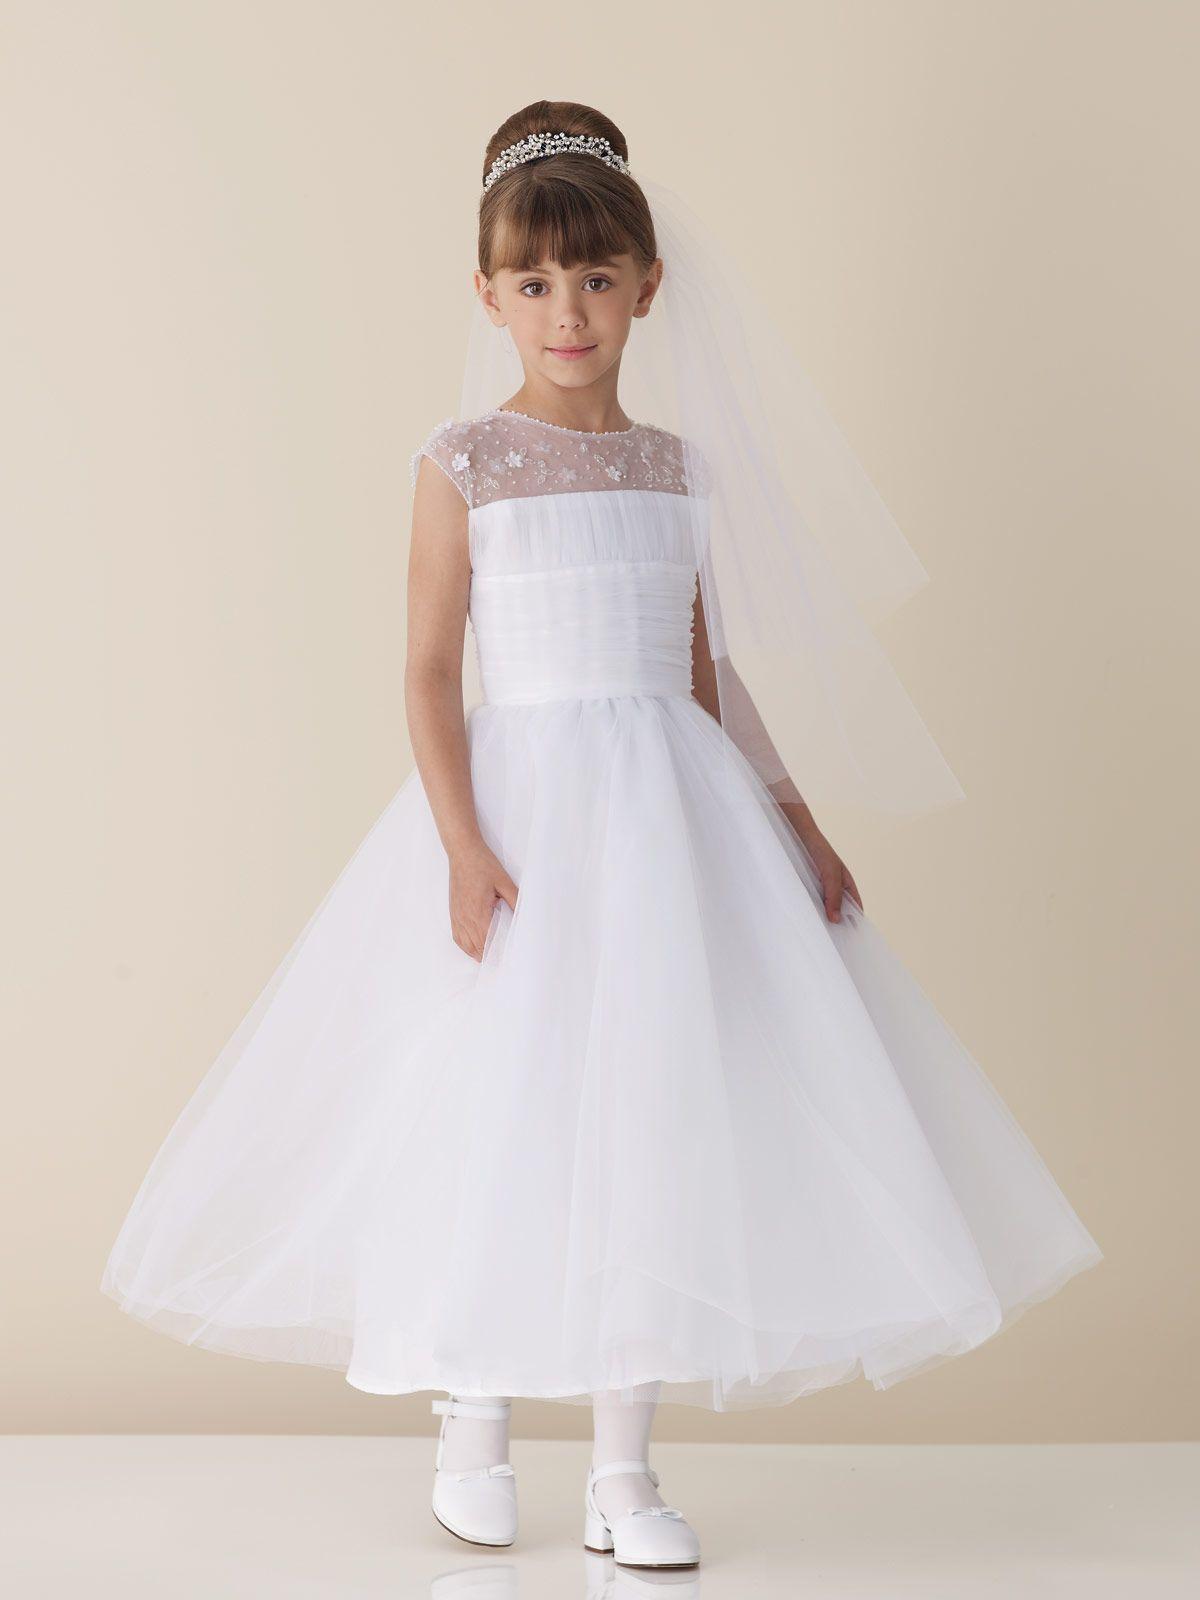 Unique Communion Dresses 2014